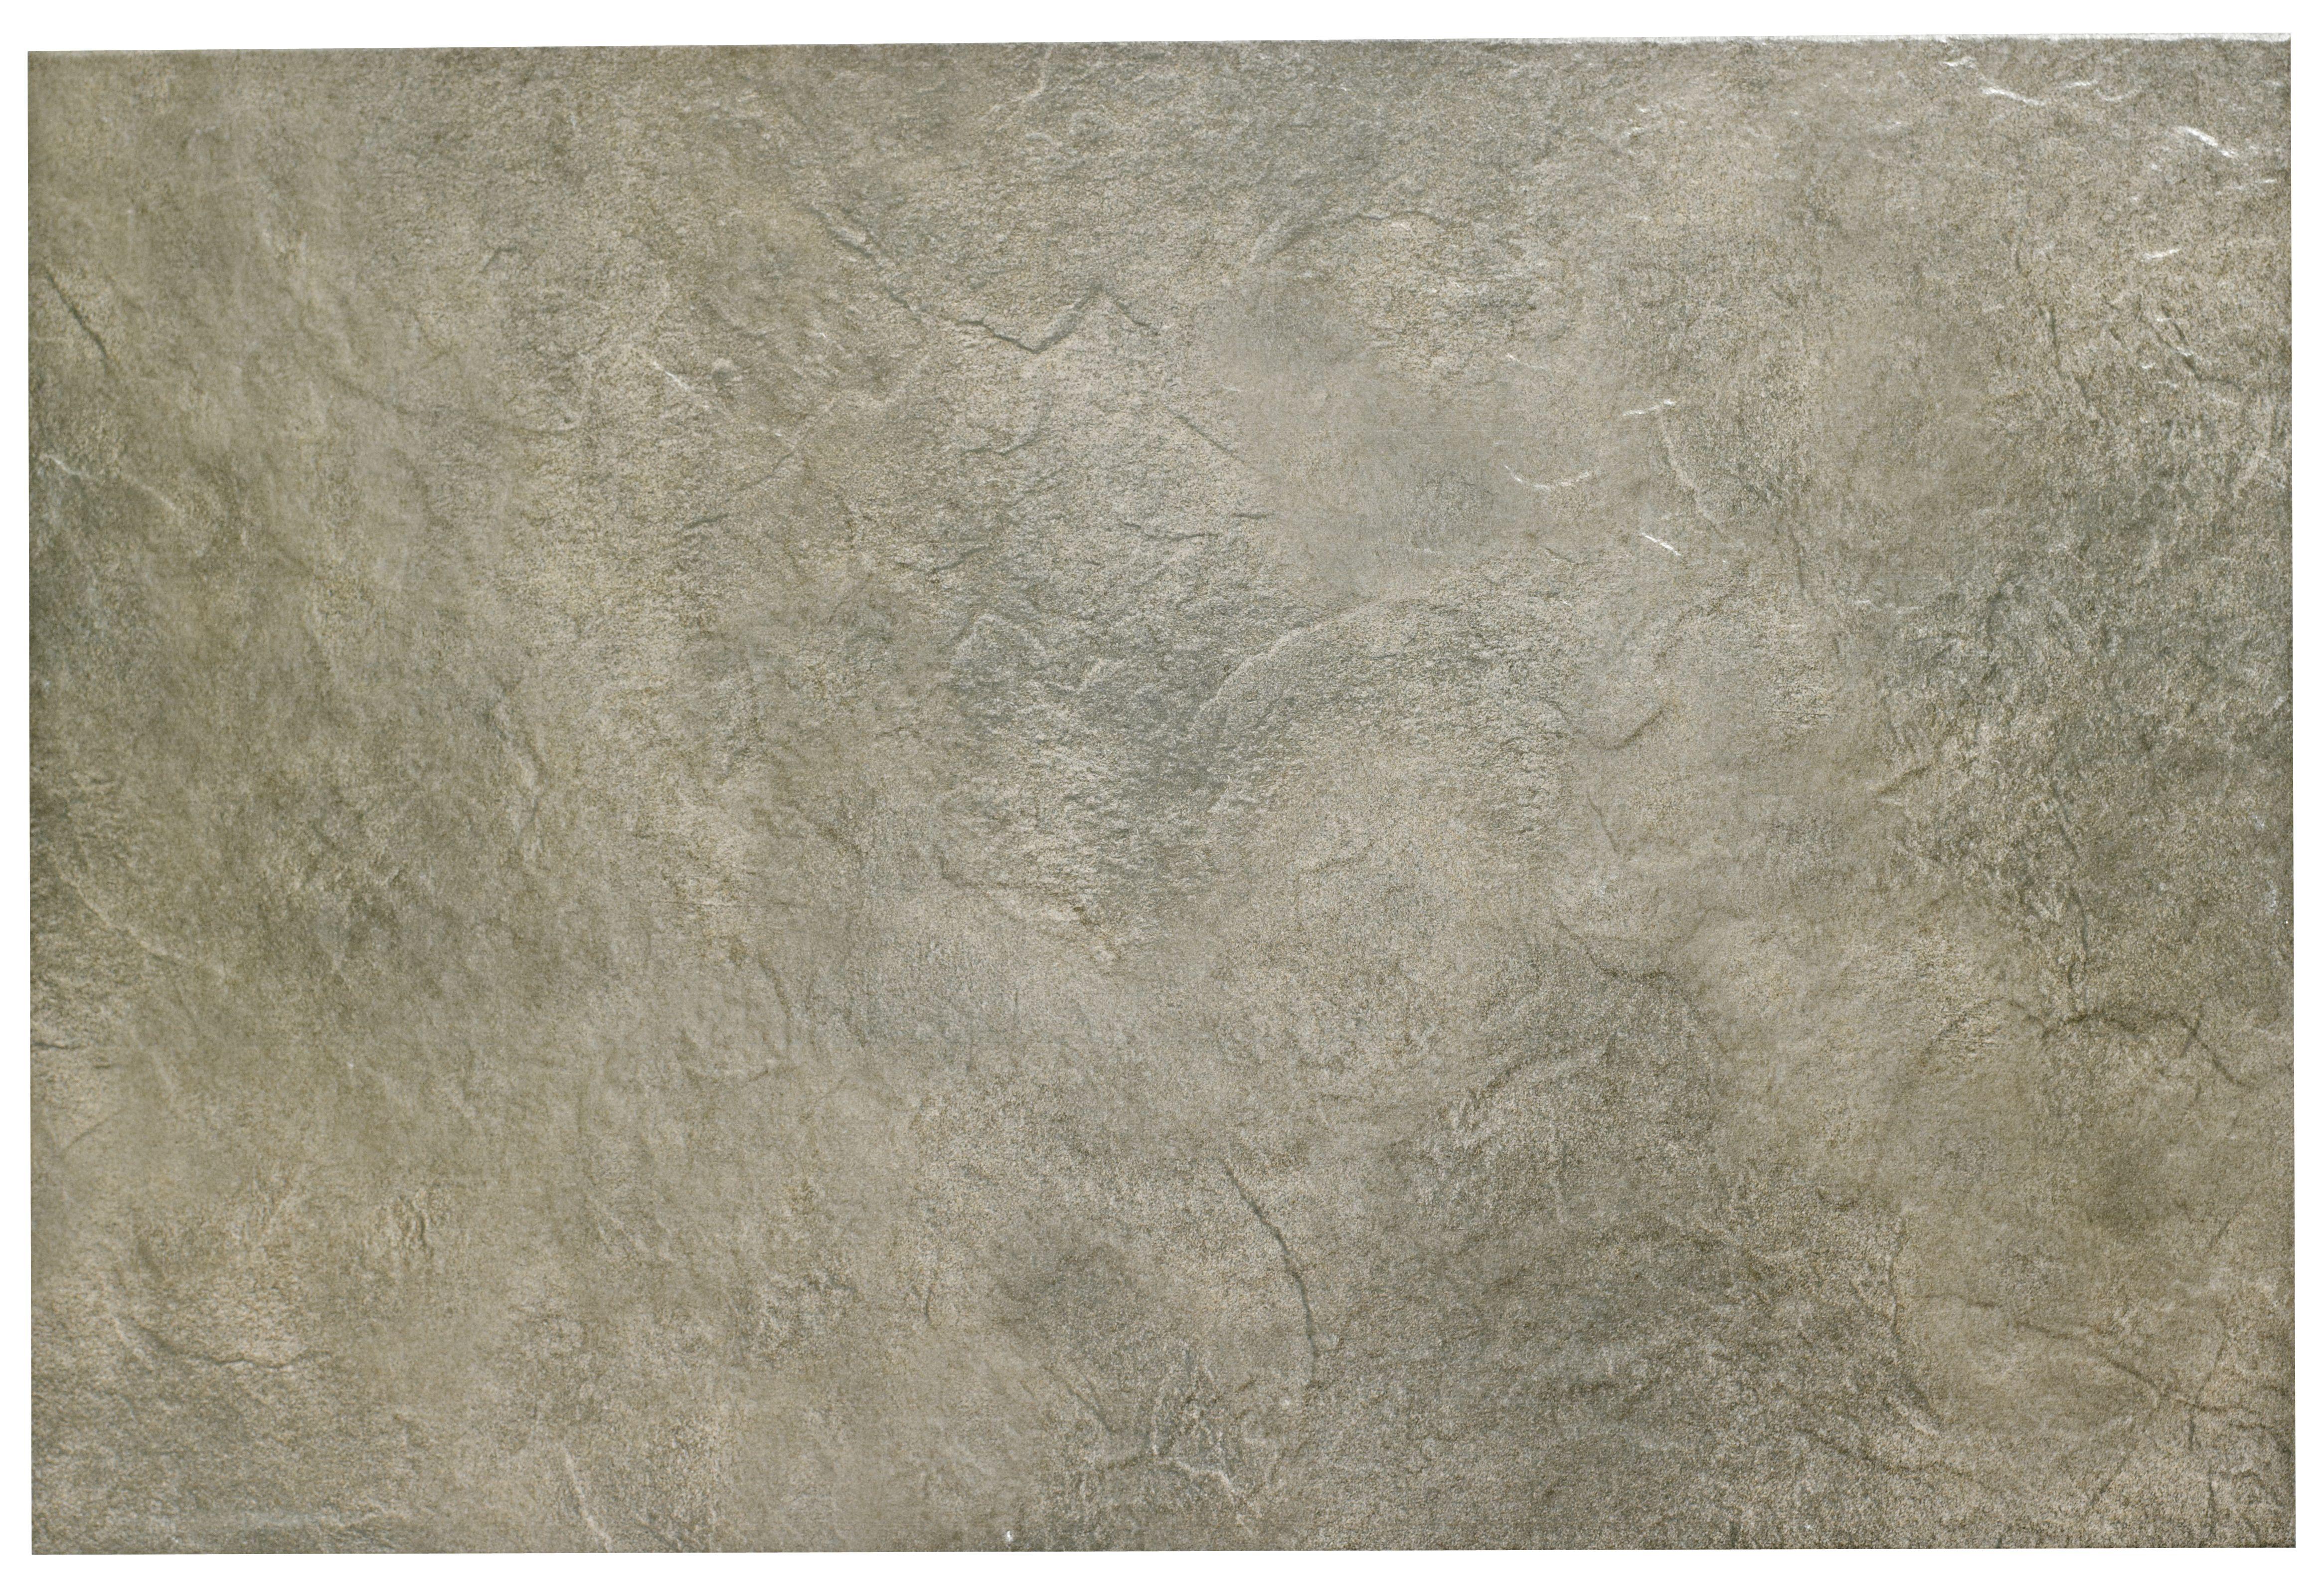 Jasper Mocha Stone Effect Porcelain Wall Amp Floor Tile